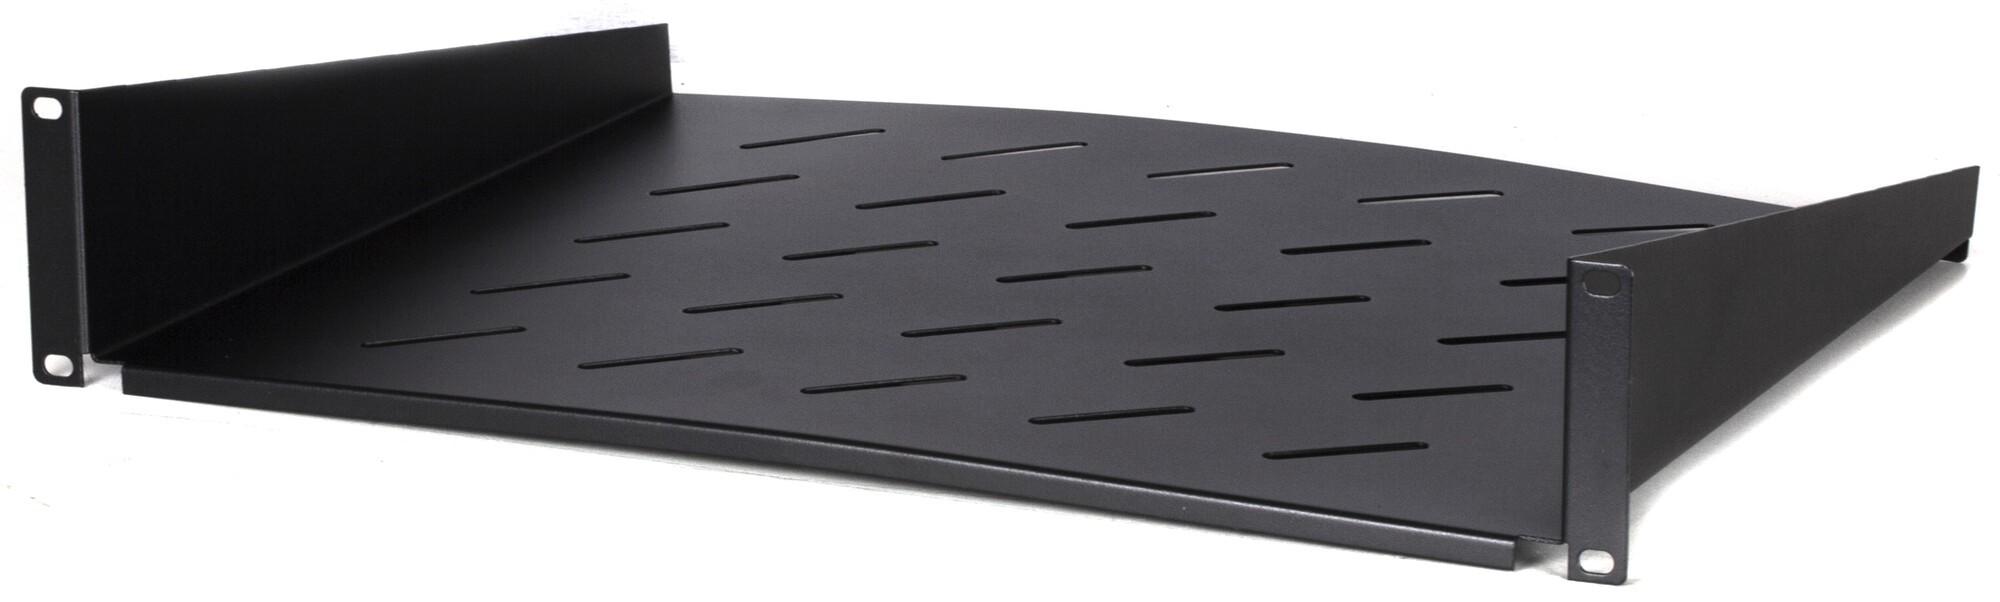 Afbeelding van 2U Legbord voor 600mm diepe wandkasten - 400mm diep (max. 12 kg)